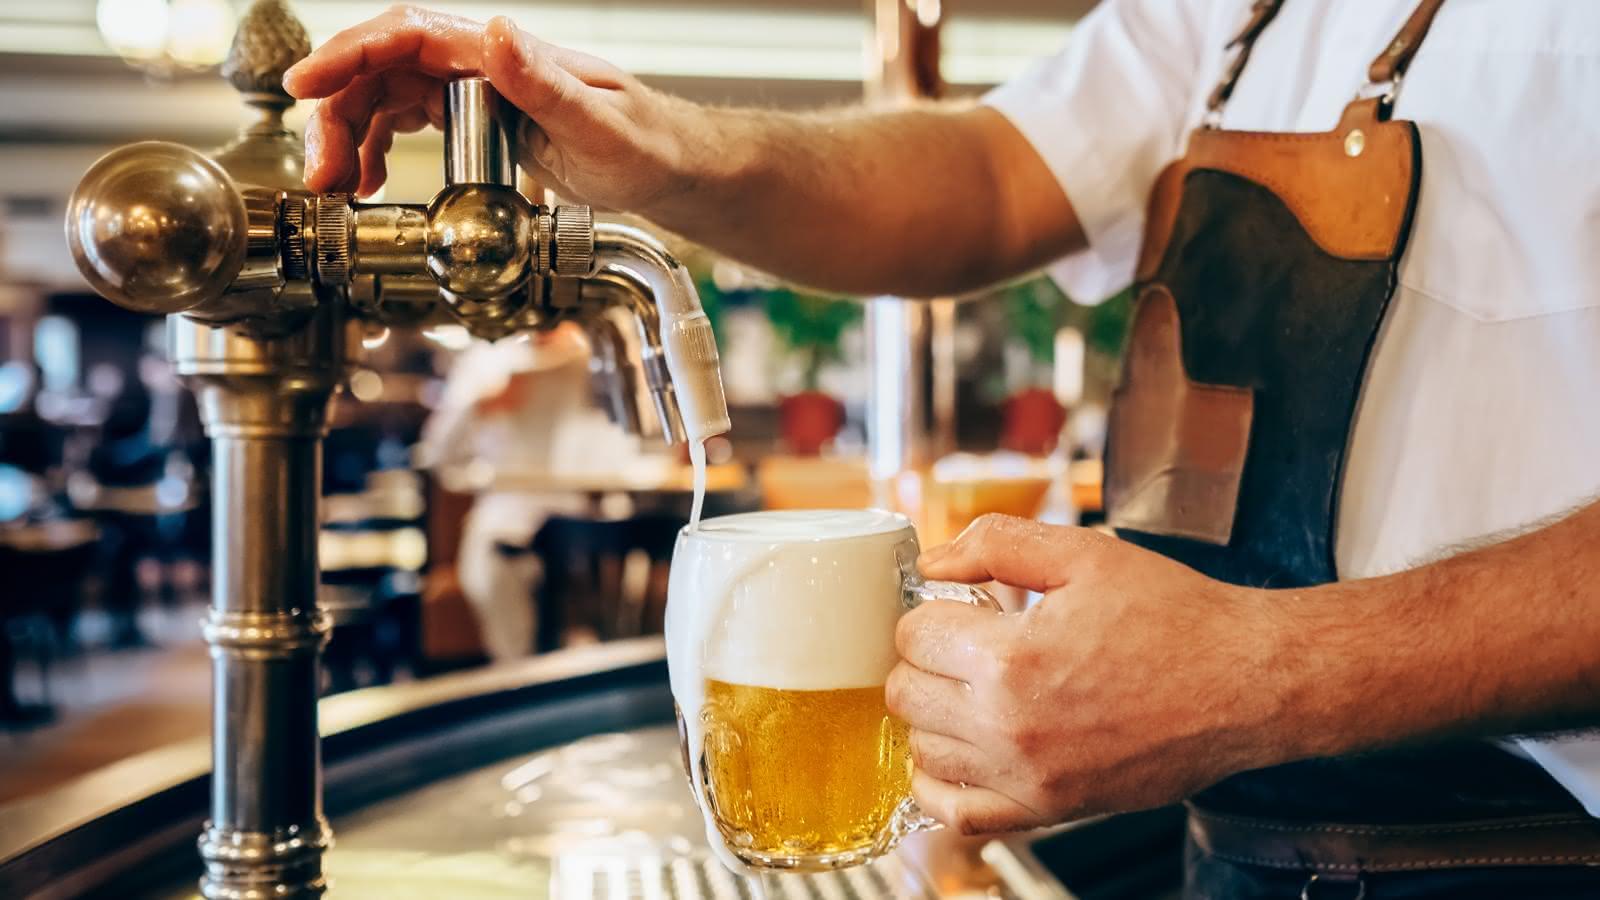 SANDEMANs Brussels Beer Tour